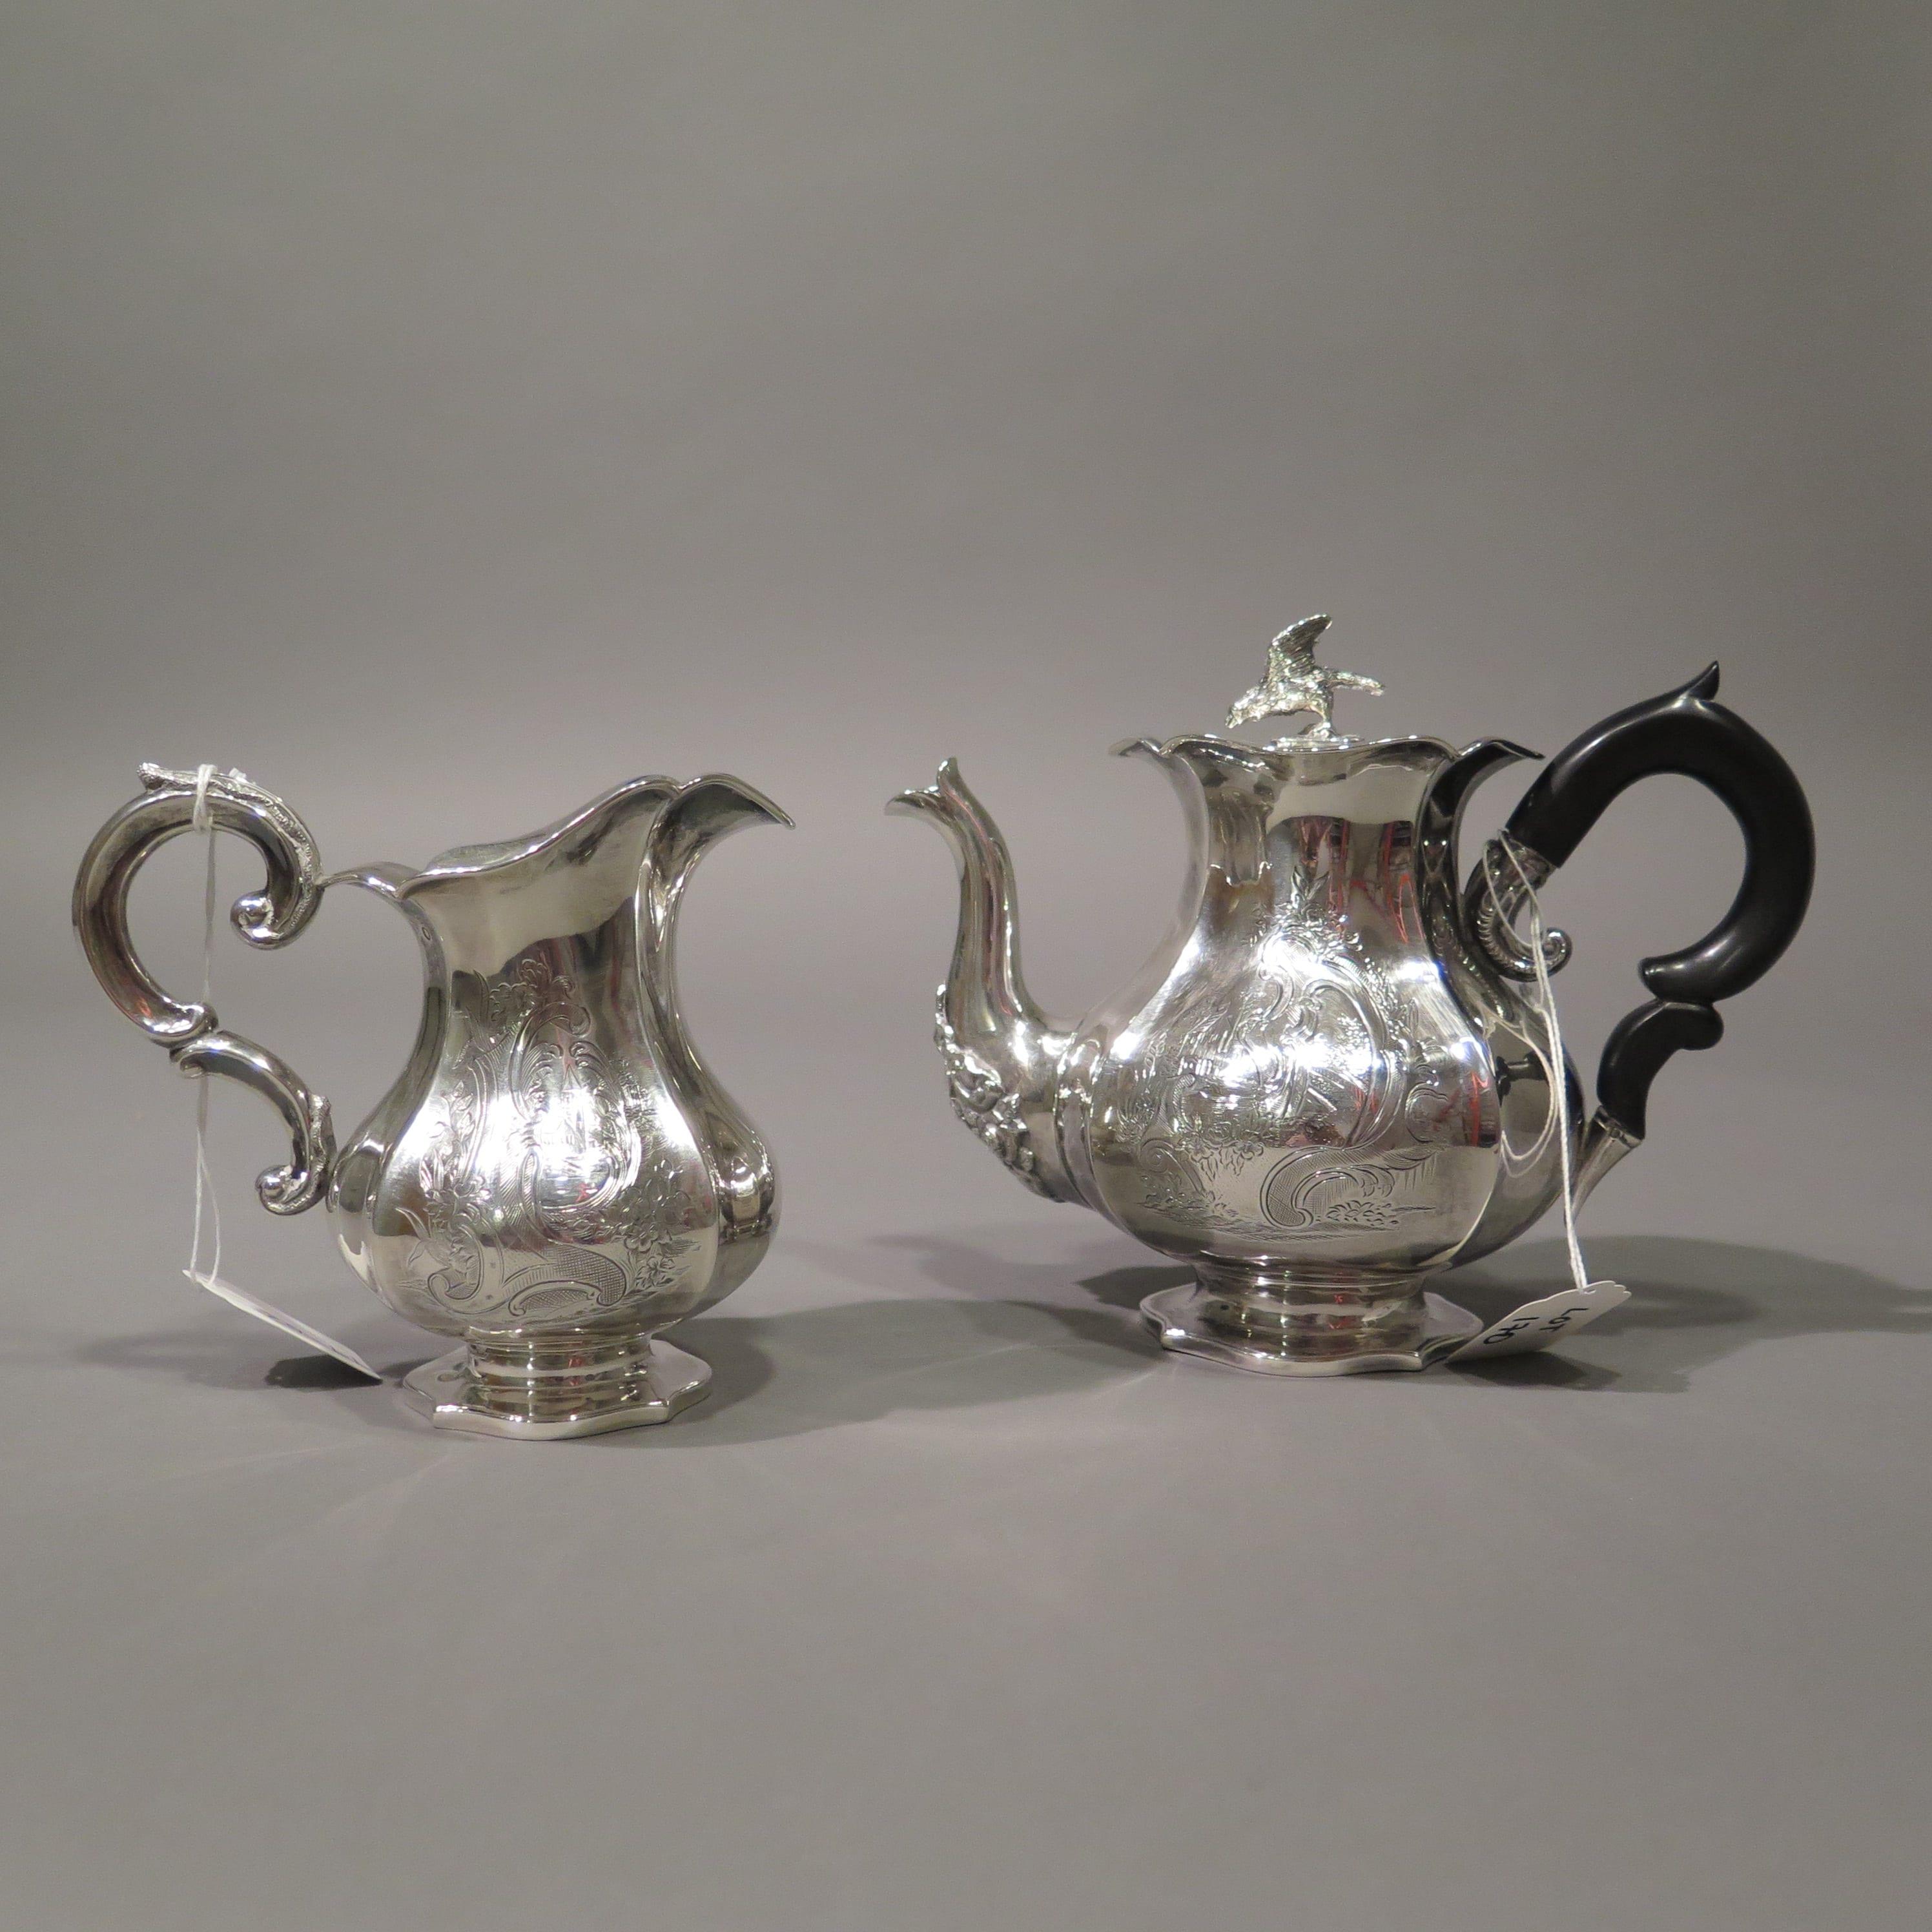 Lot 170: Silver Creamer Teapot Sugar Dish and Tray